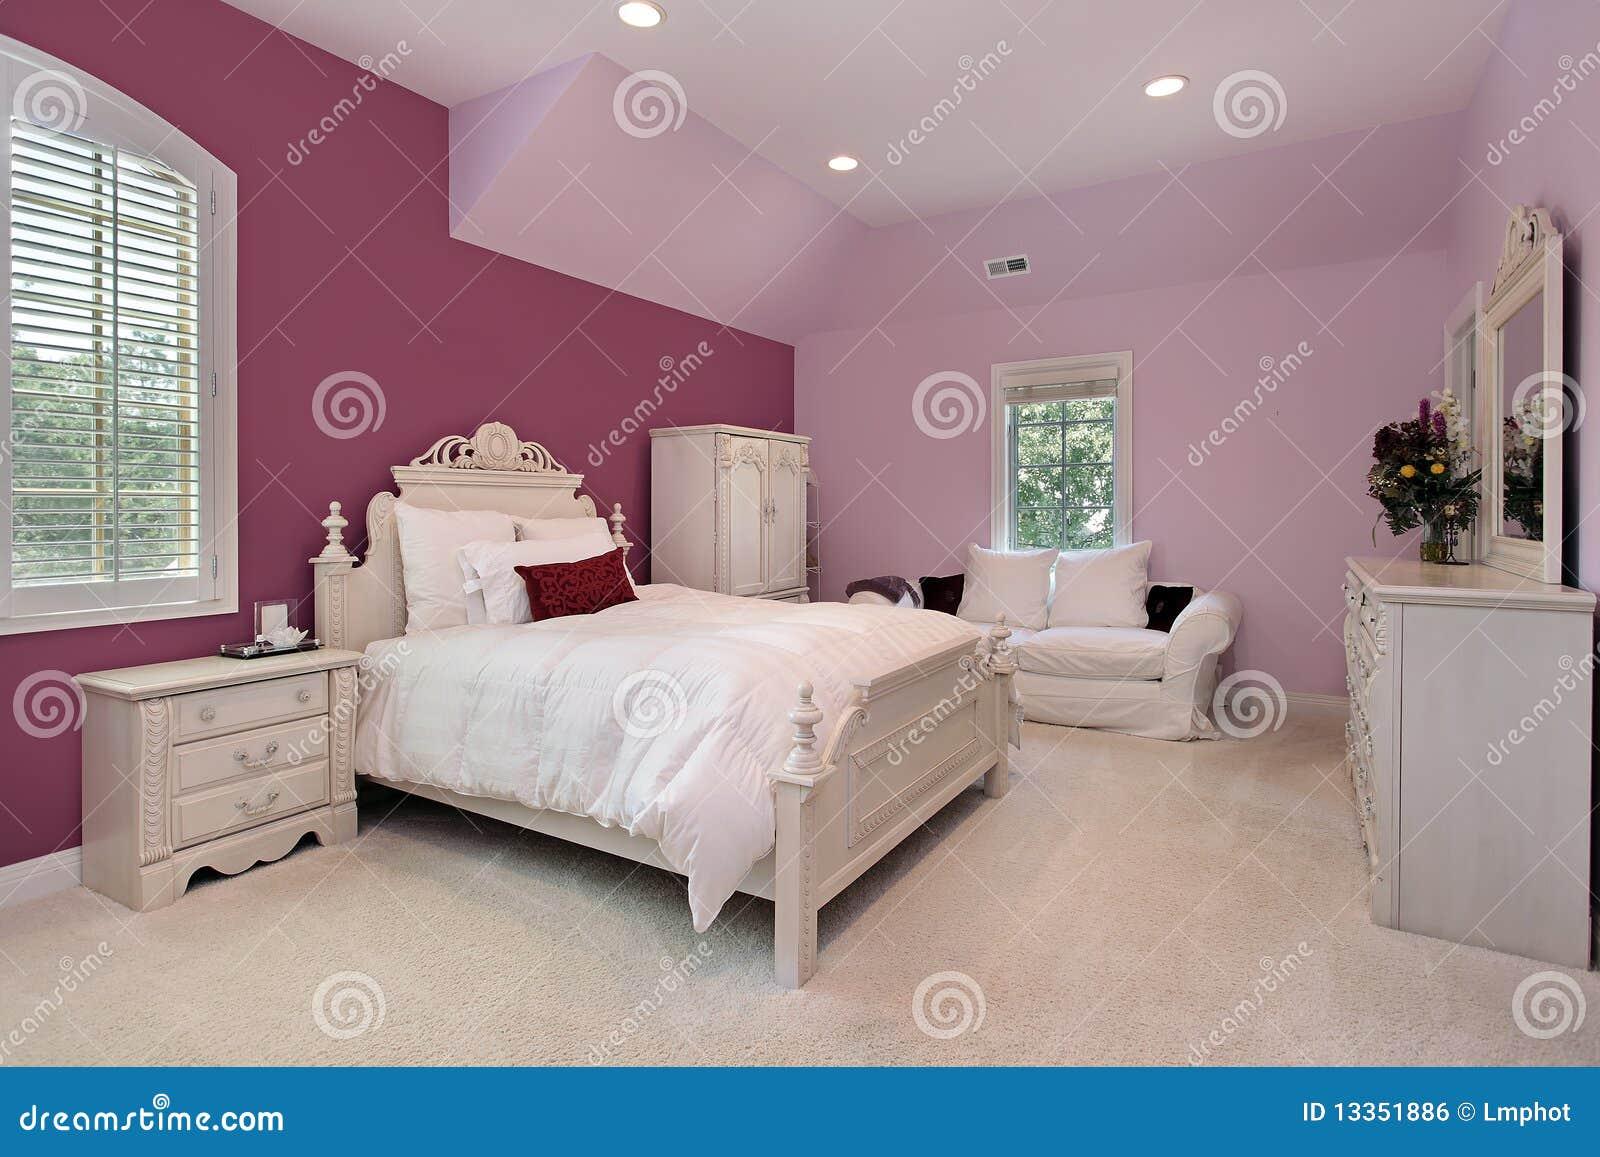 De roze slaapkamer van het meisje in luxehuis royalty vrije stock afbeelding afbeelding 13351886 - Cabine slaapkamer meisje ...